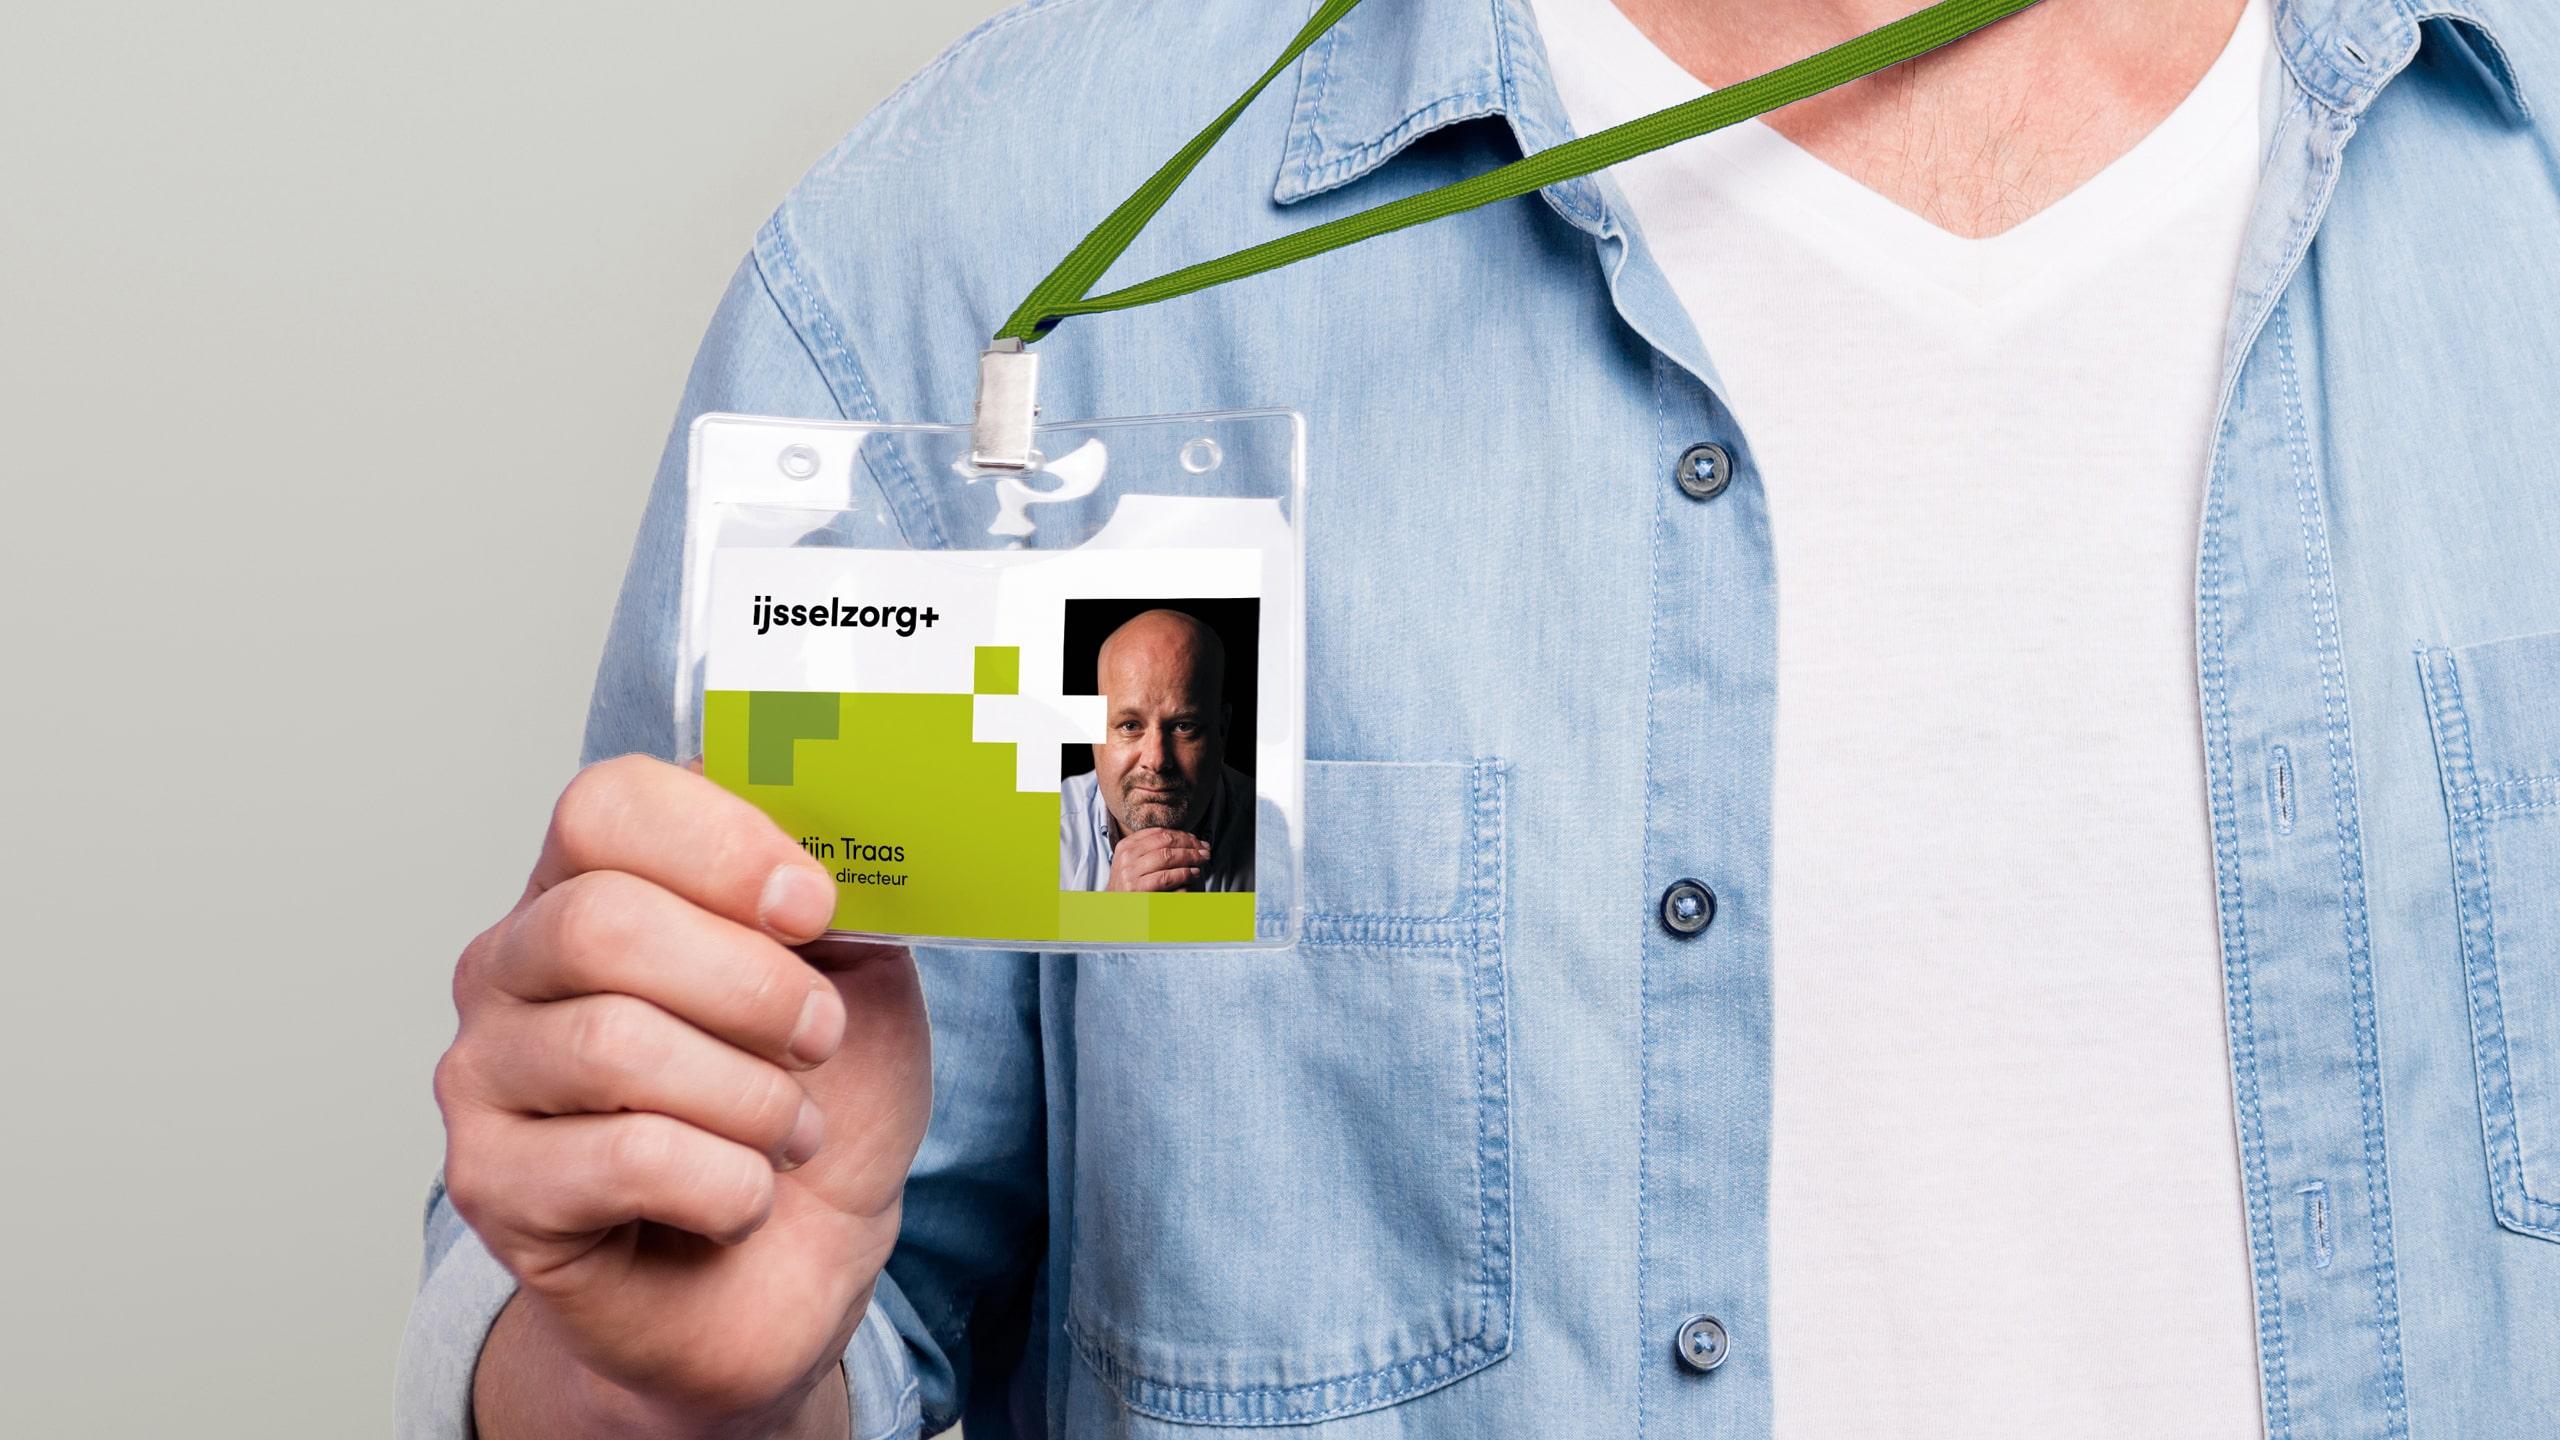 Identiteitspas voor de medewerkers van IJsselzorg in nieuwe huisstijl